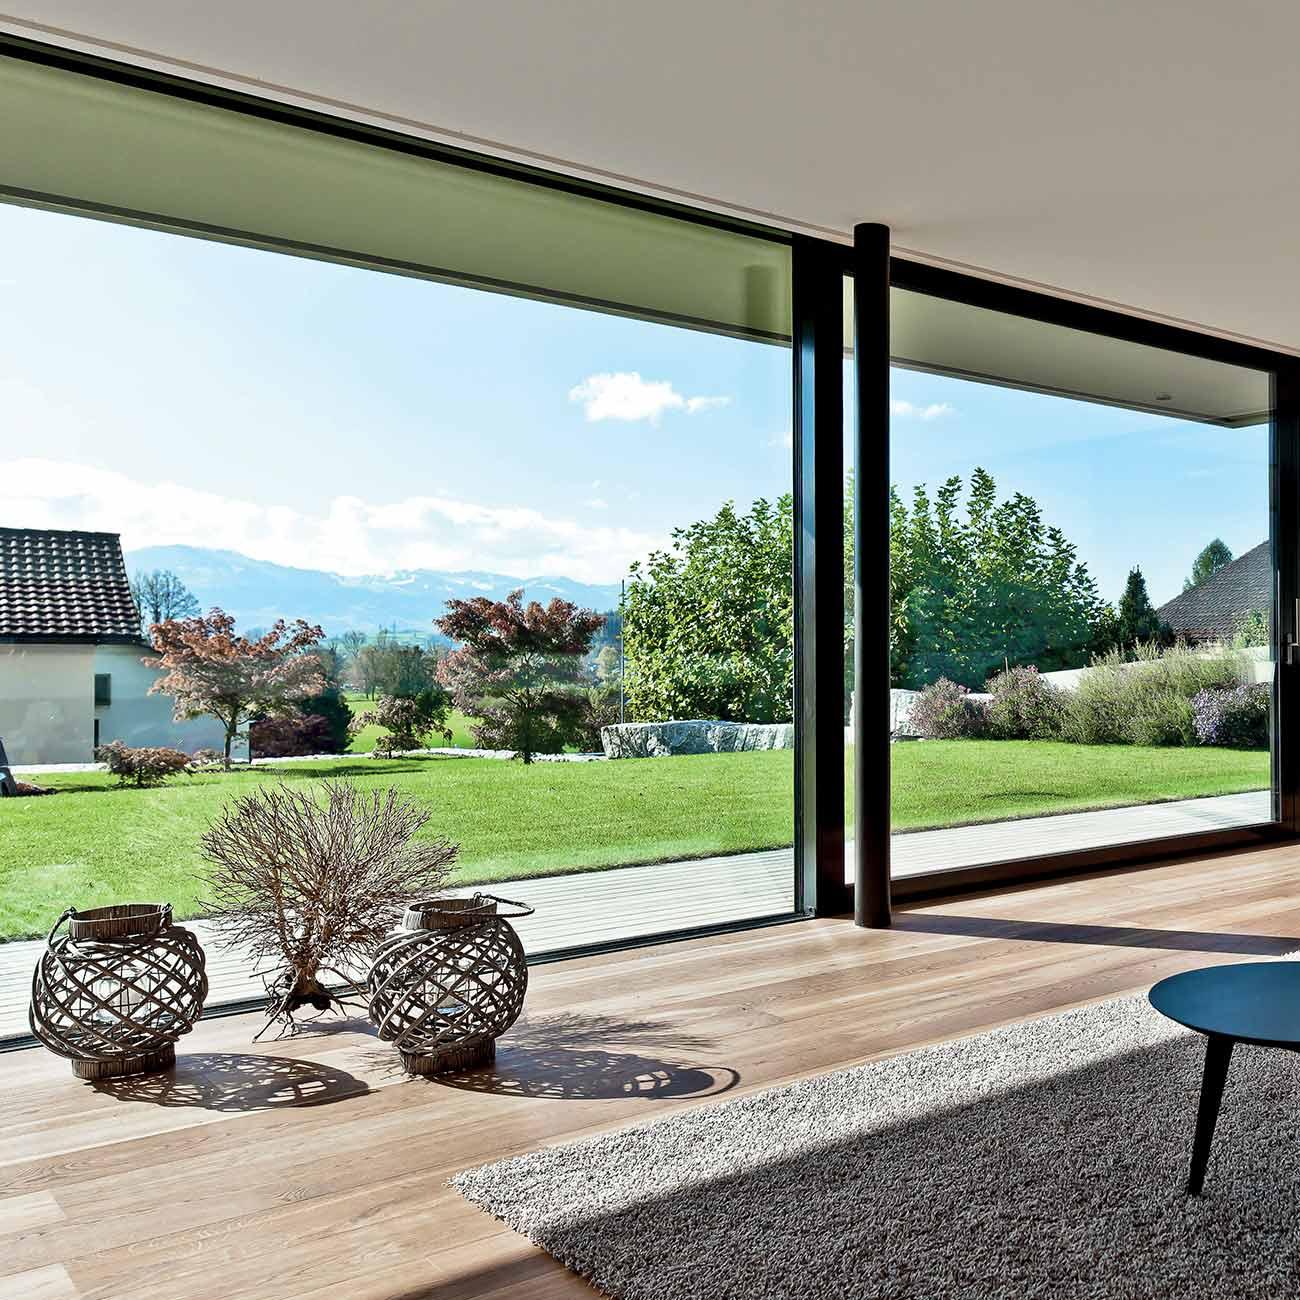 raum patio doors dekko window systems